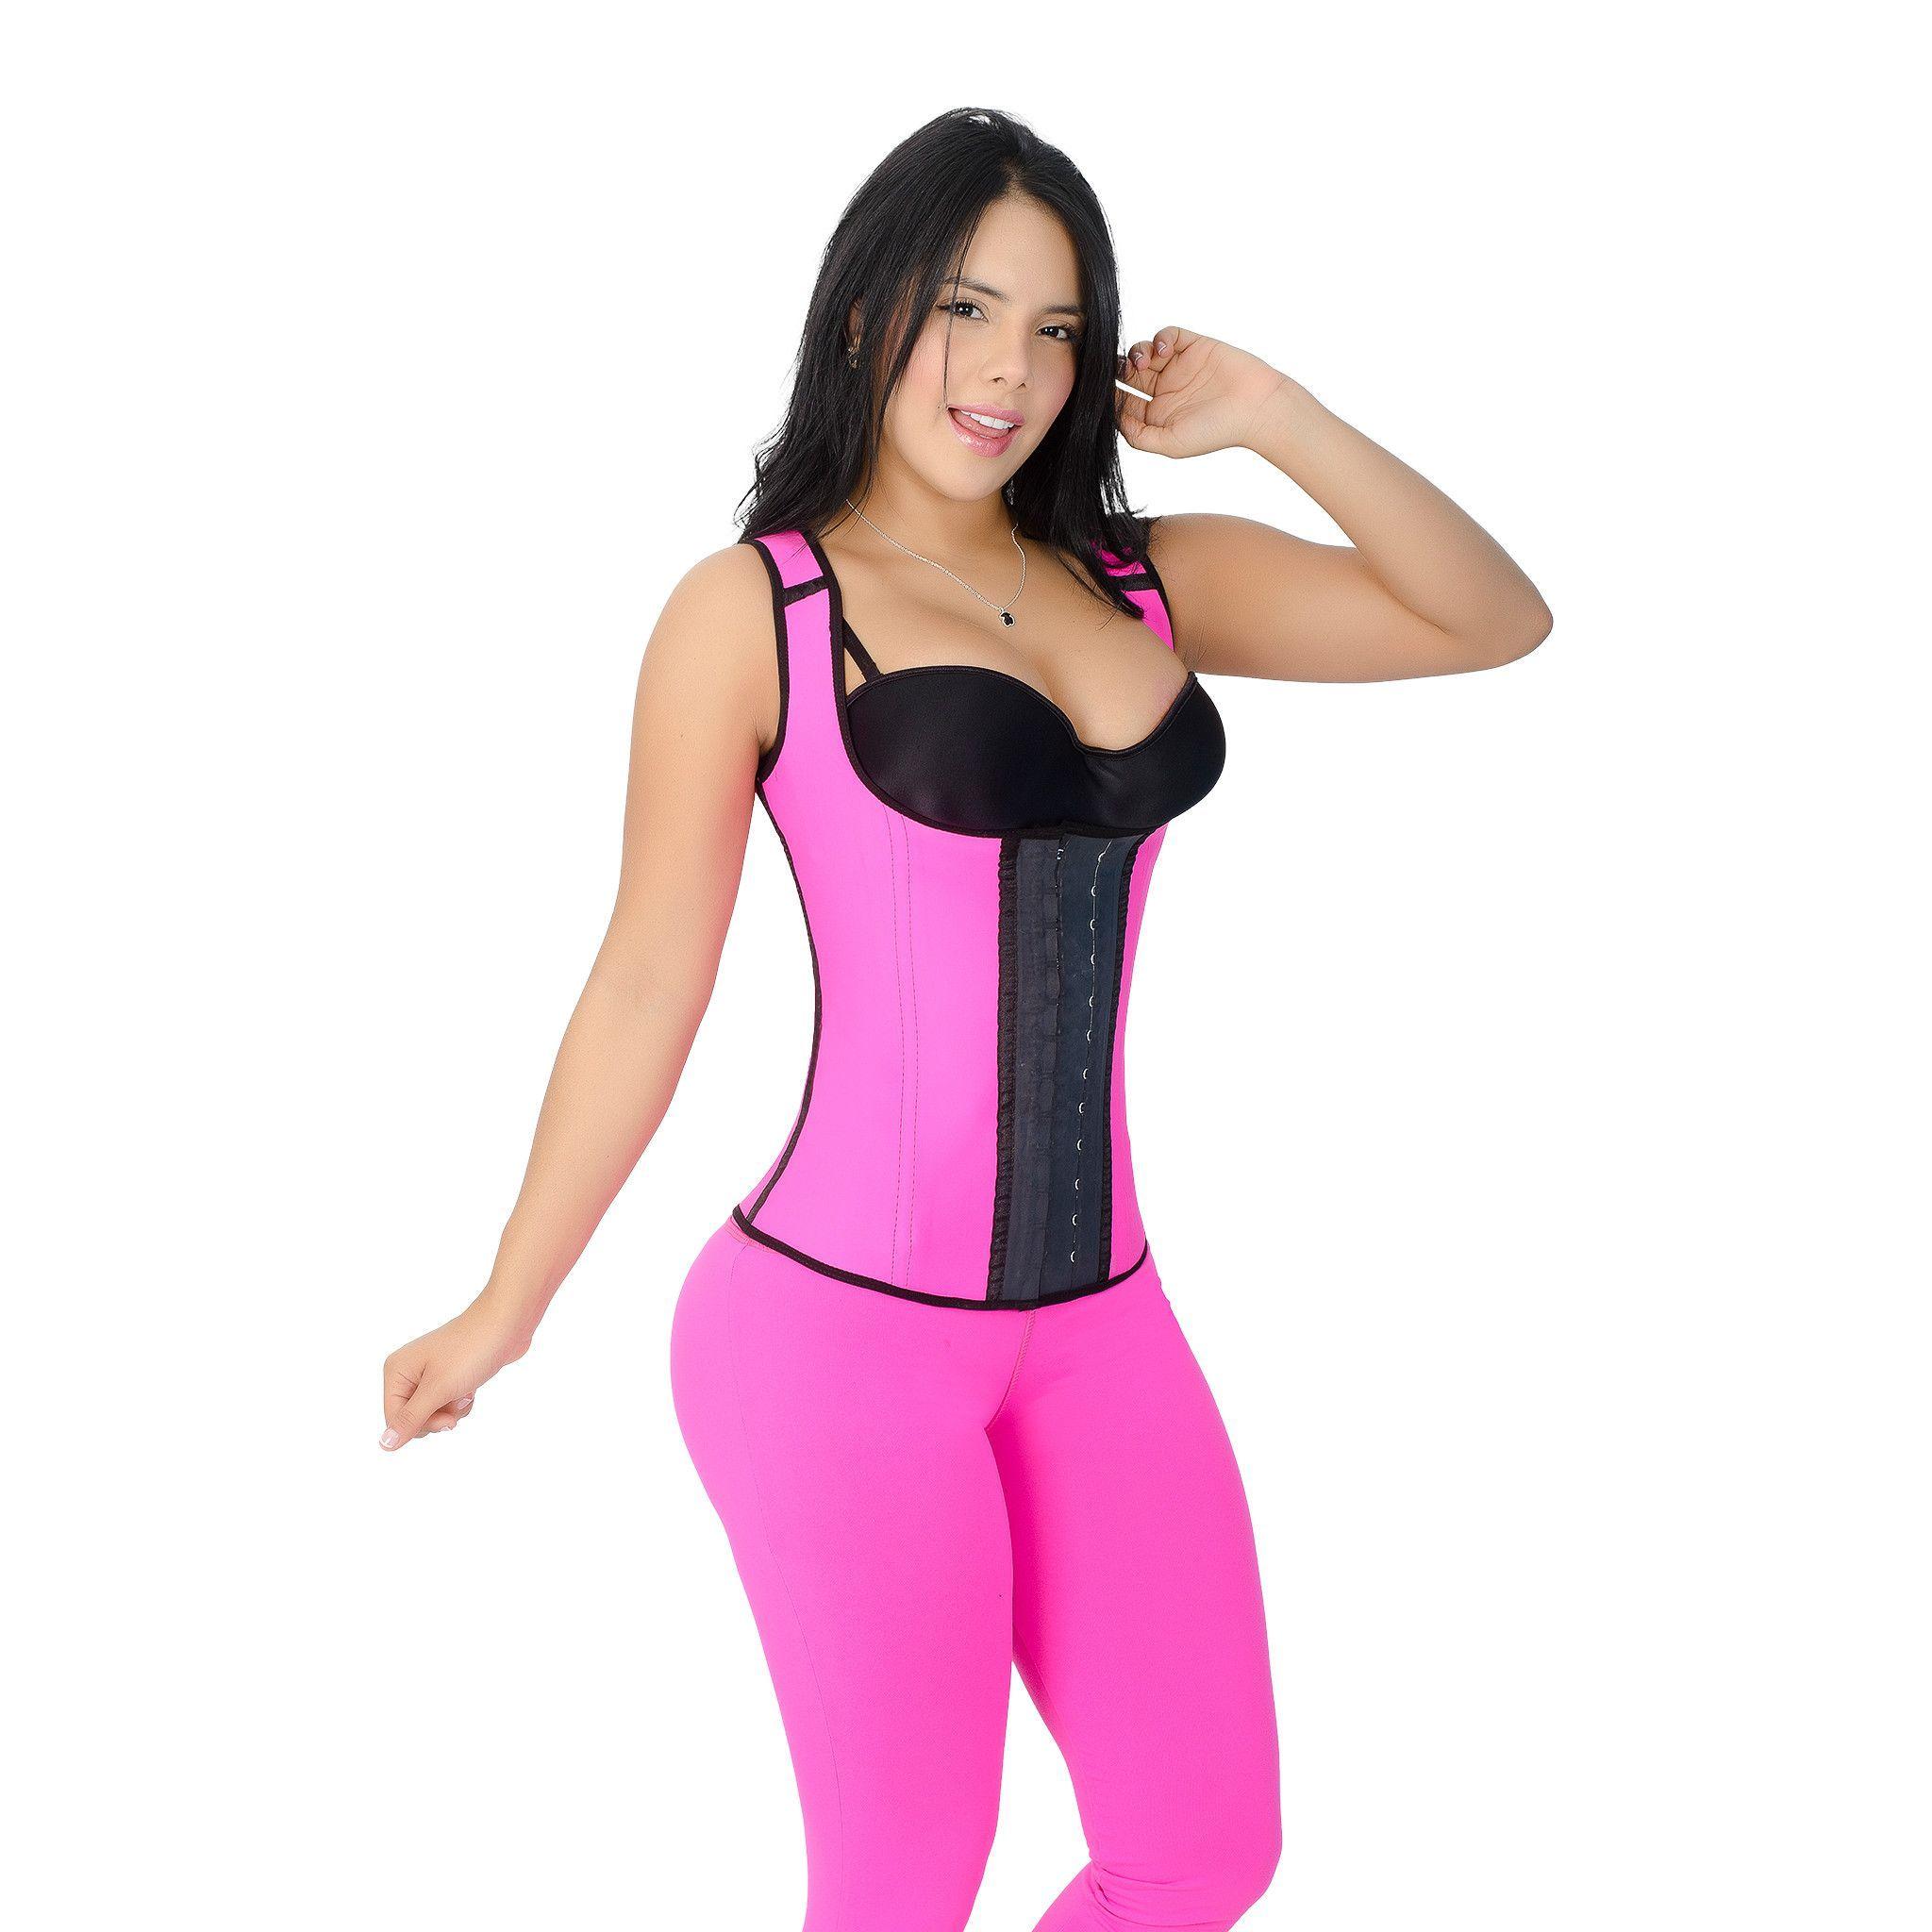 Curvy trainer 2026 pink workout vest waist trainer cincher